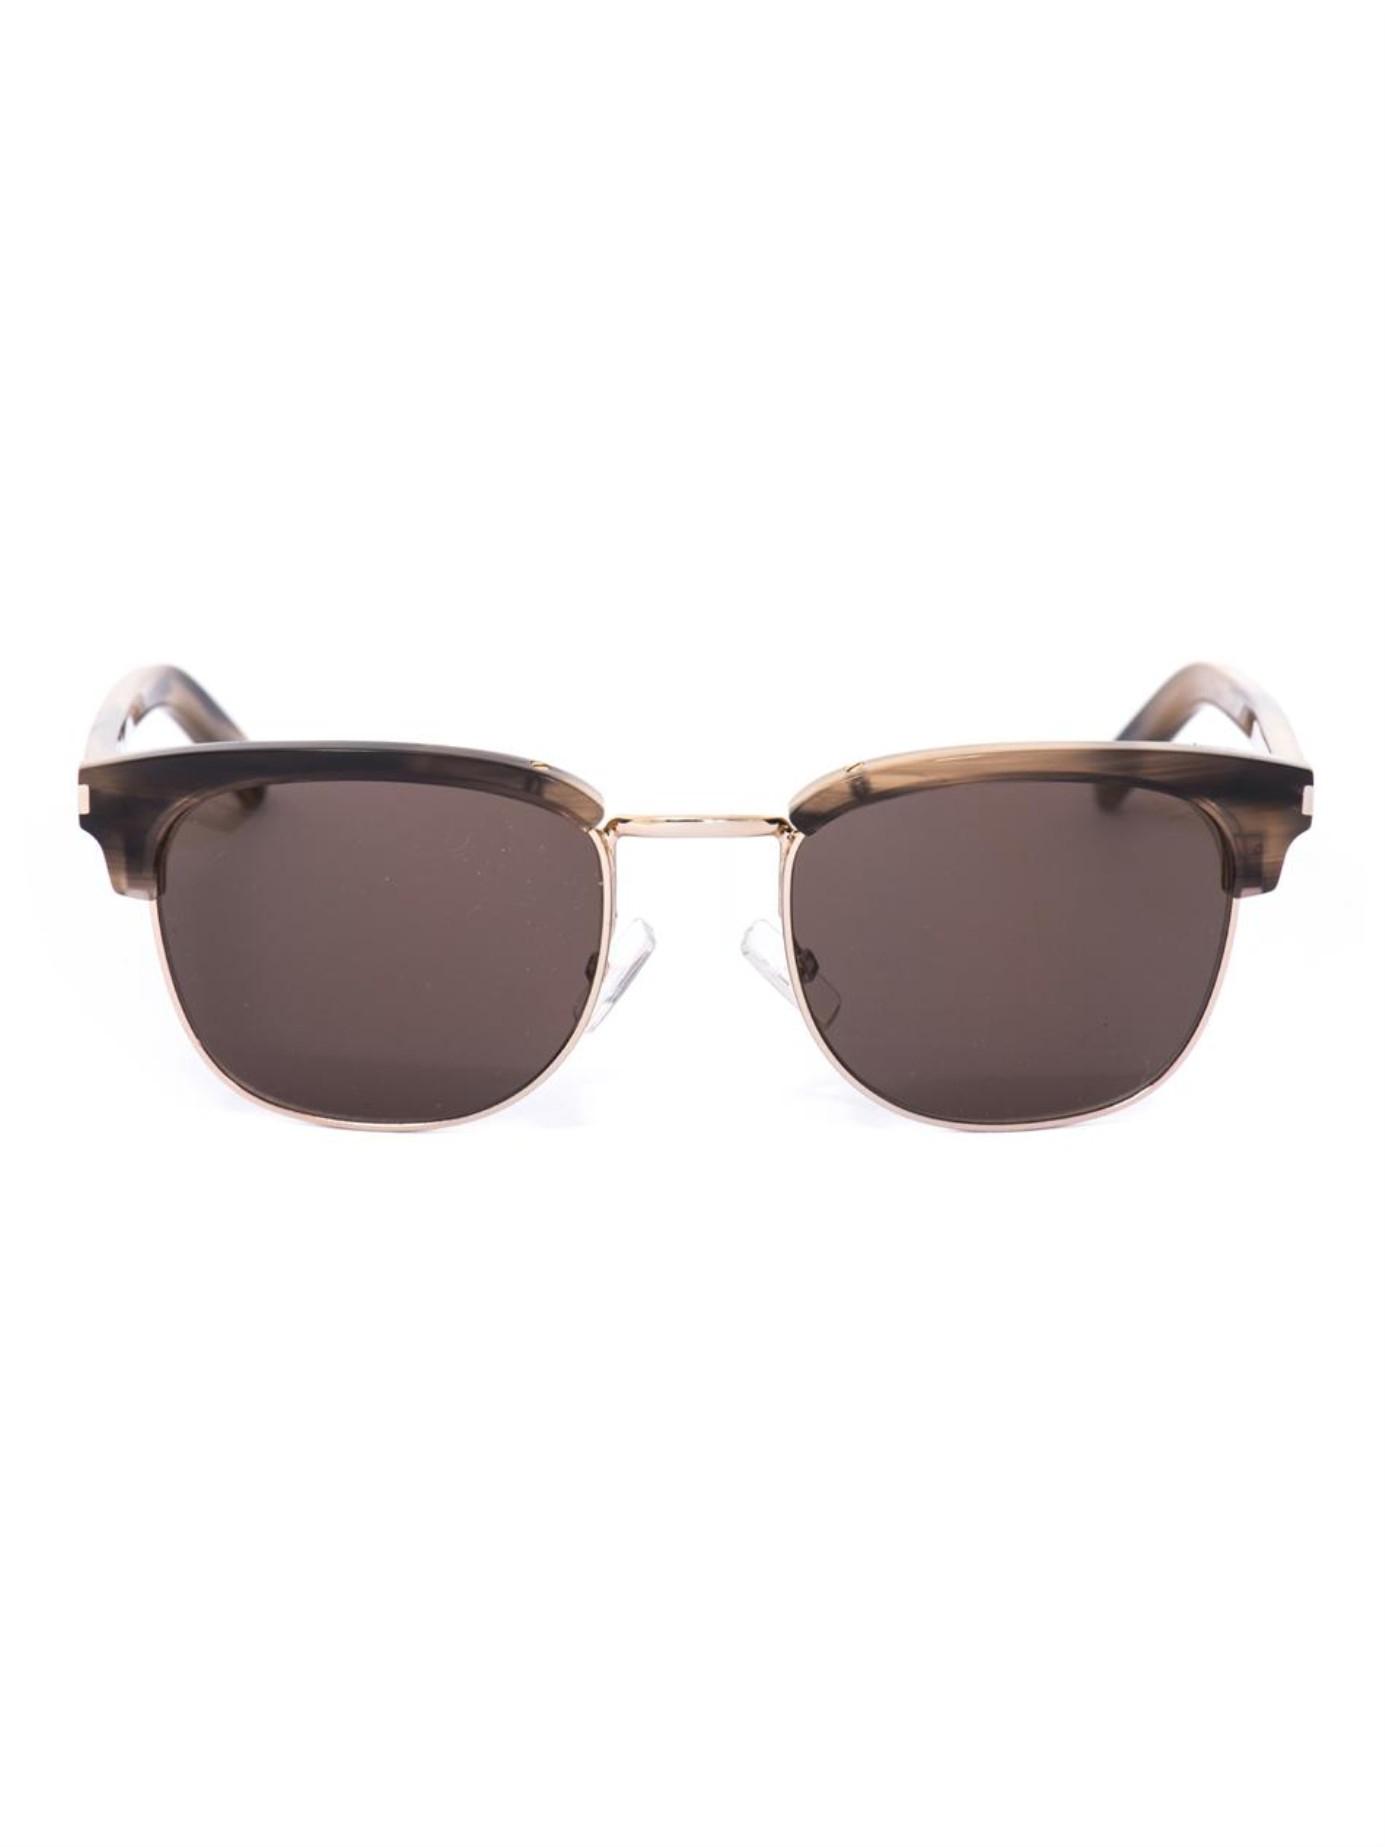 Lyst - Saint Laurent D-Frame Sunglasses in Black for Men